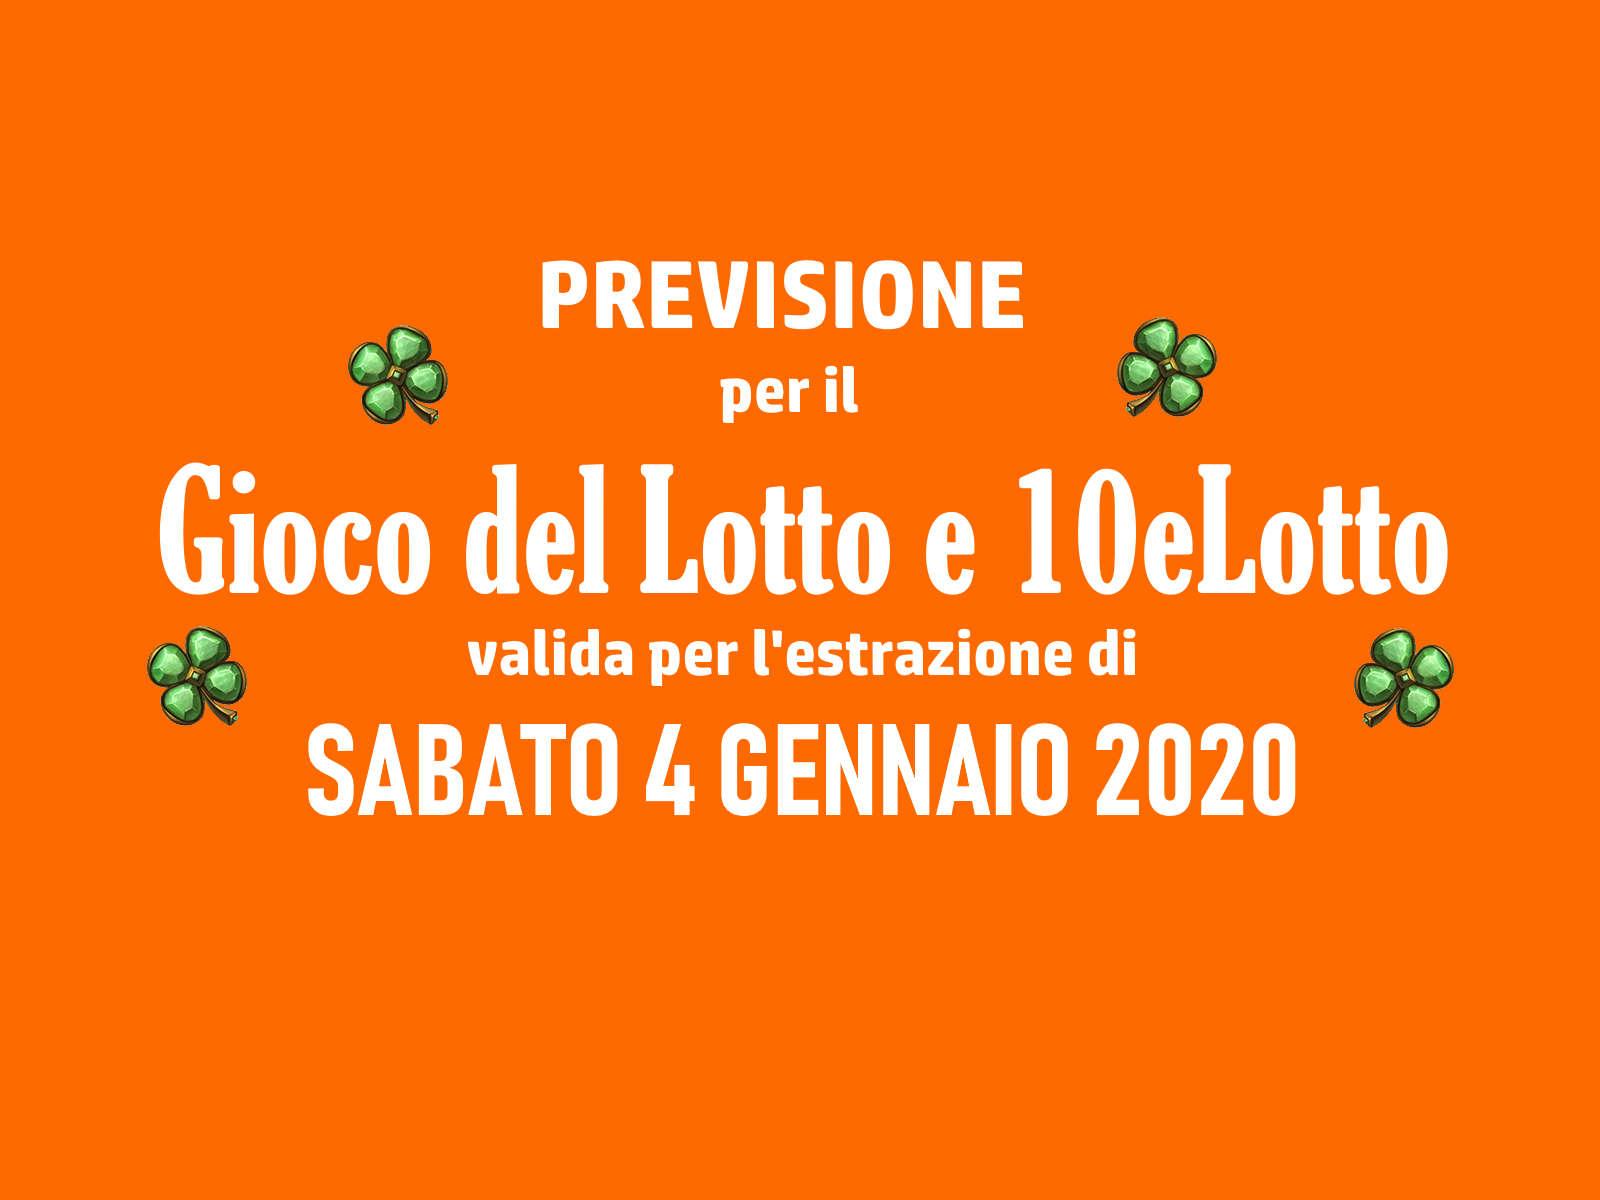 Previsione Lotto 4 Gennaio 2020